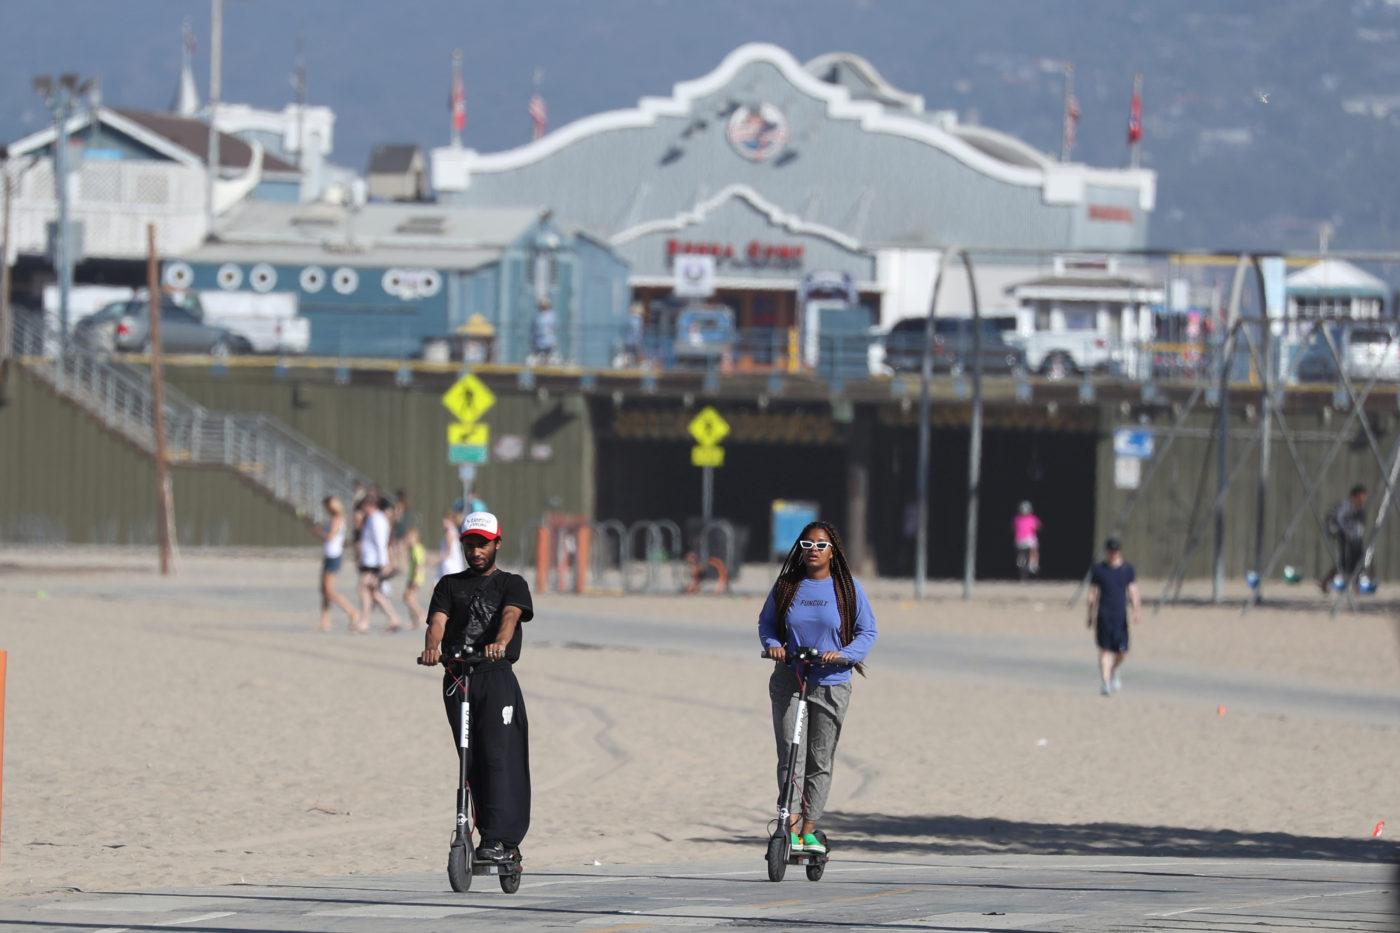 Uber 加入共享滑板車角逐,首批滑板車正式登陸聖塔莫尼卡